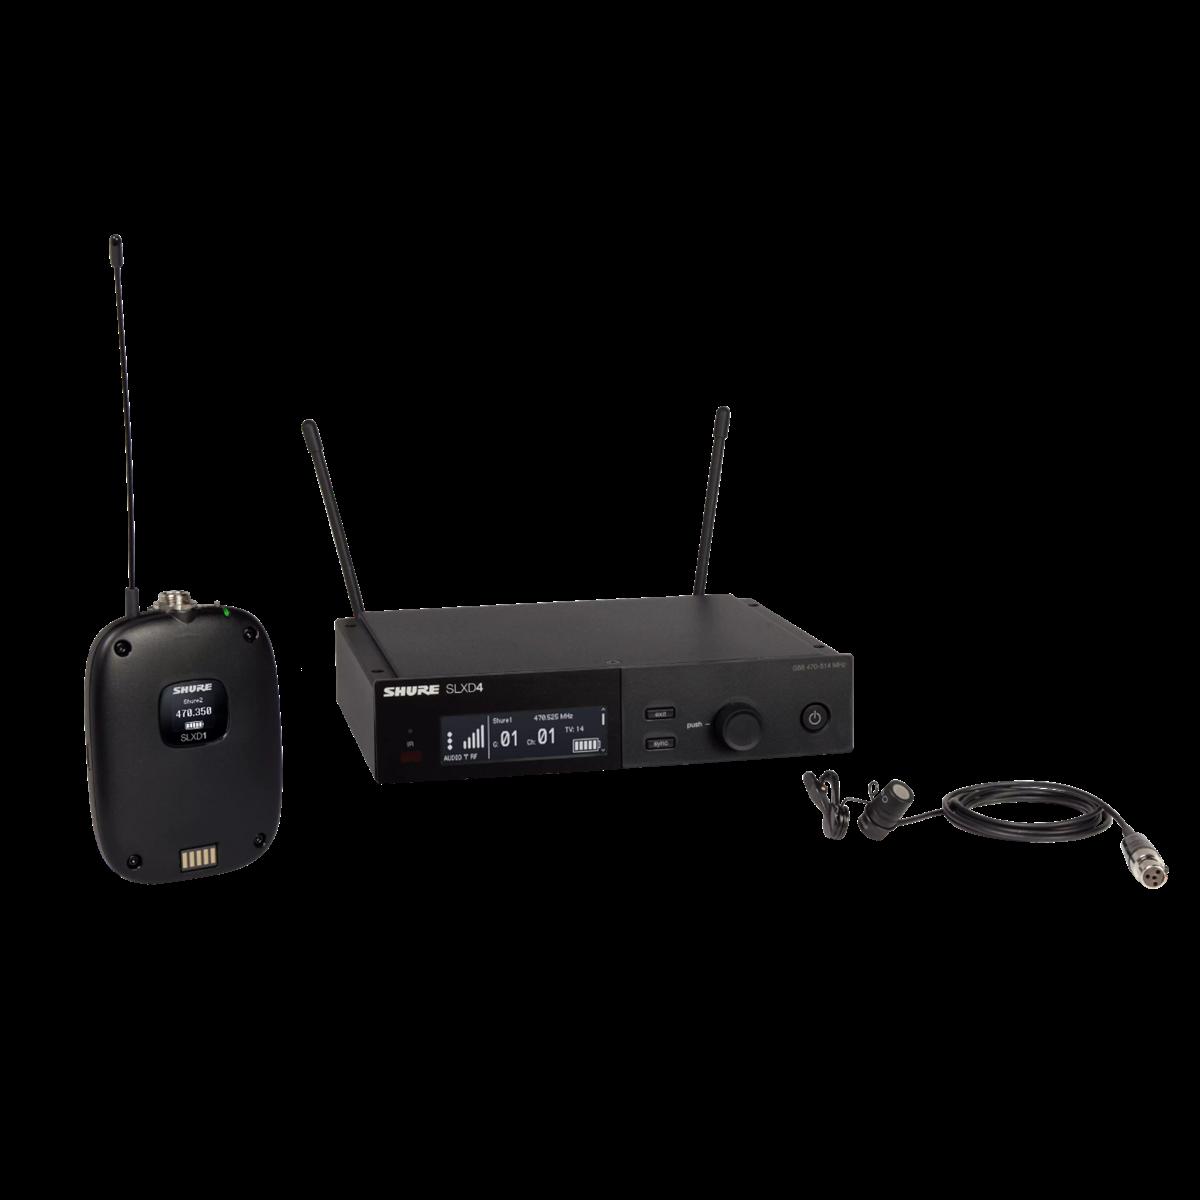 Shure SLX-D Bodypack System WL185 Lavalier - 518-562MHz